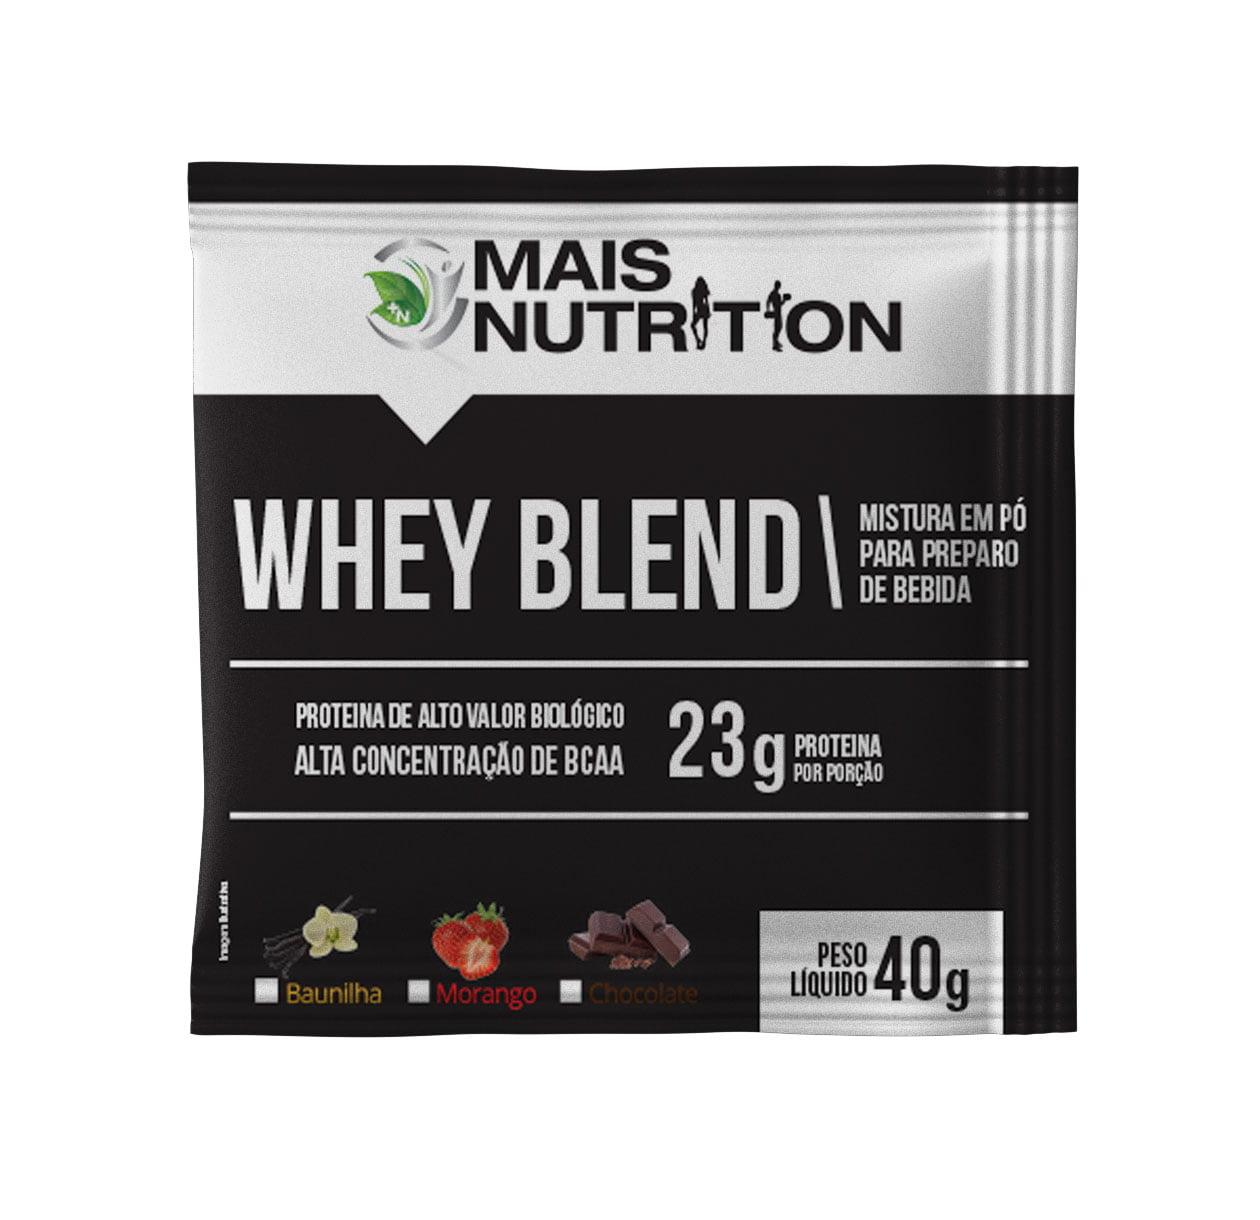 Whey Blend Sache 40 gramas Mais Nutrition Sabores Baunilha Chocolate e Morango